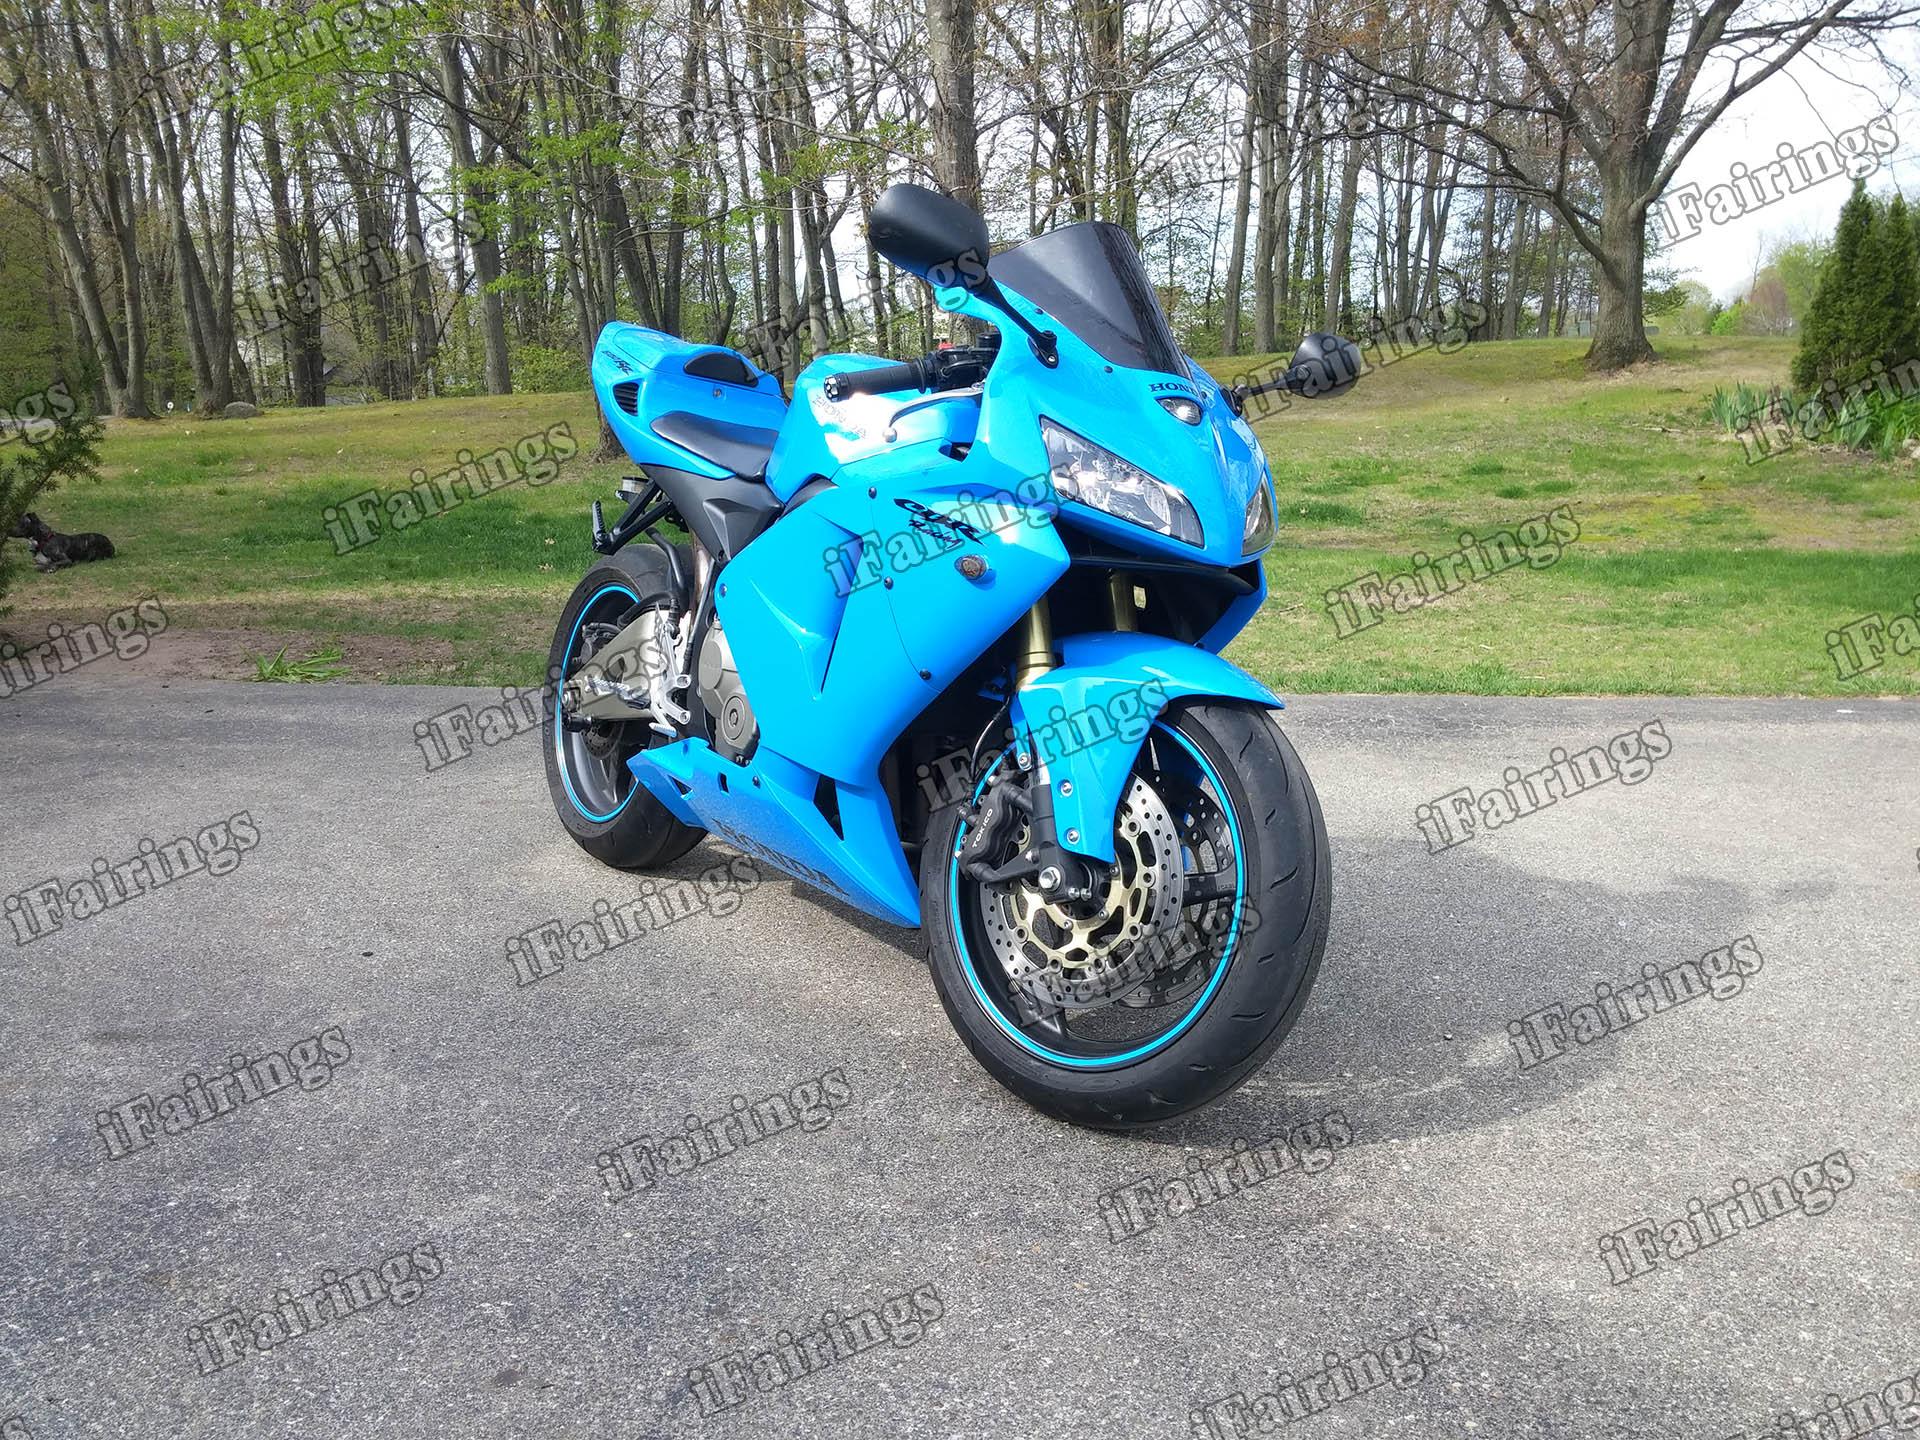 2005 2006 Honda Cbr600rr Sky Blue Paint Fairing Kit Ifairings